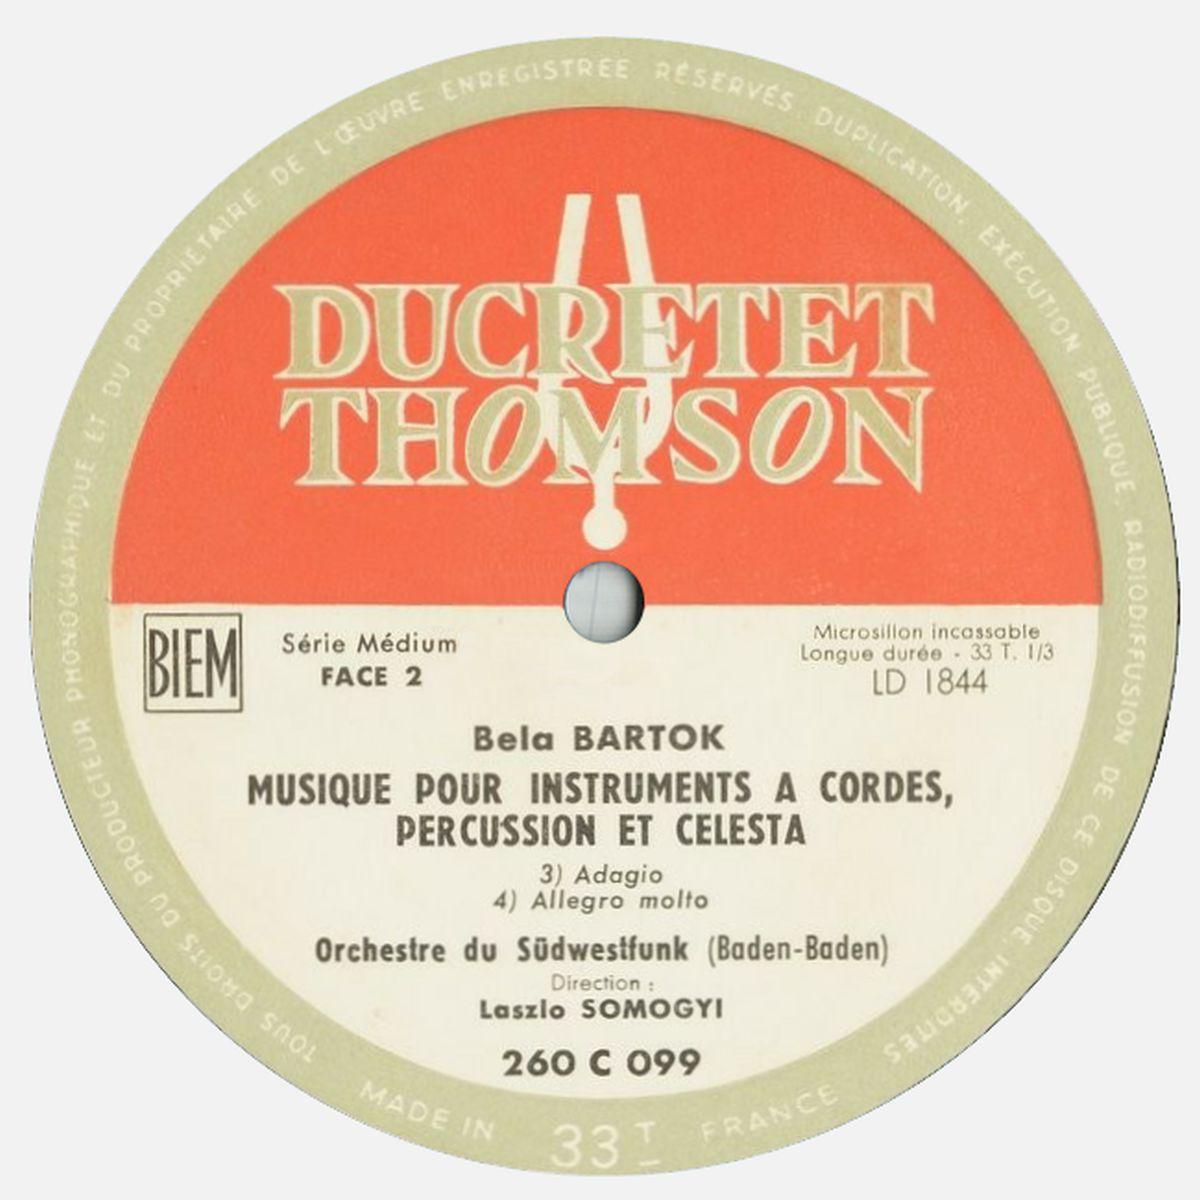 Étiquette du disque Ducretet-Thomson 260 C 099, cliquer pour une vue agrandie